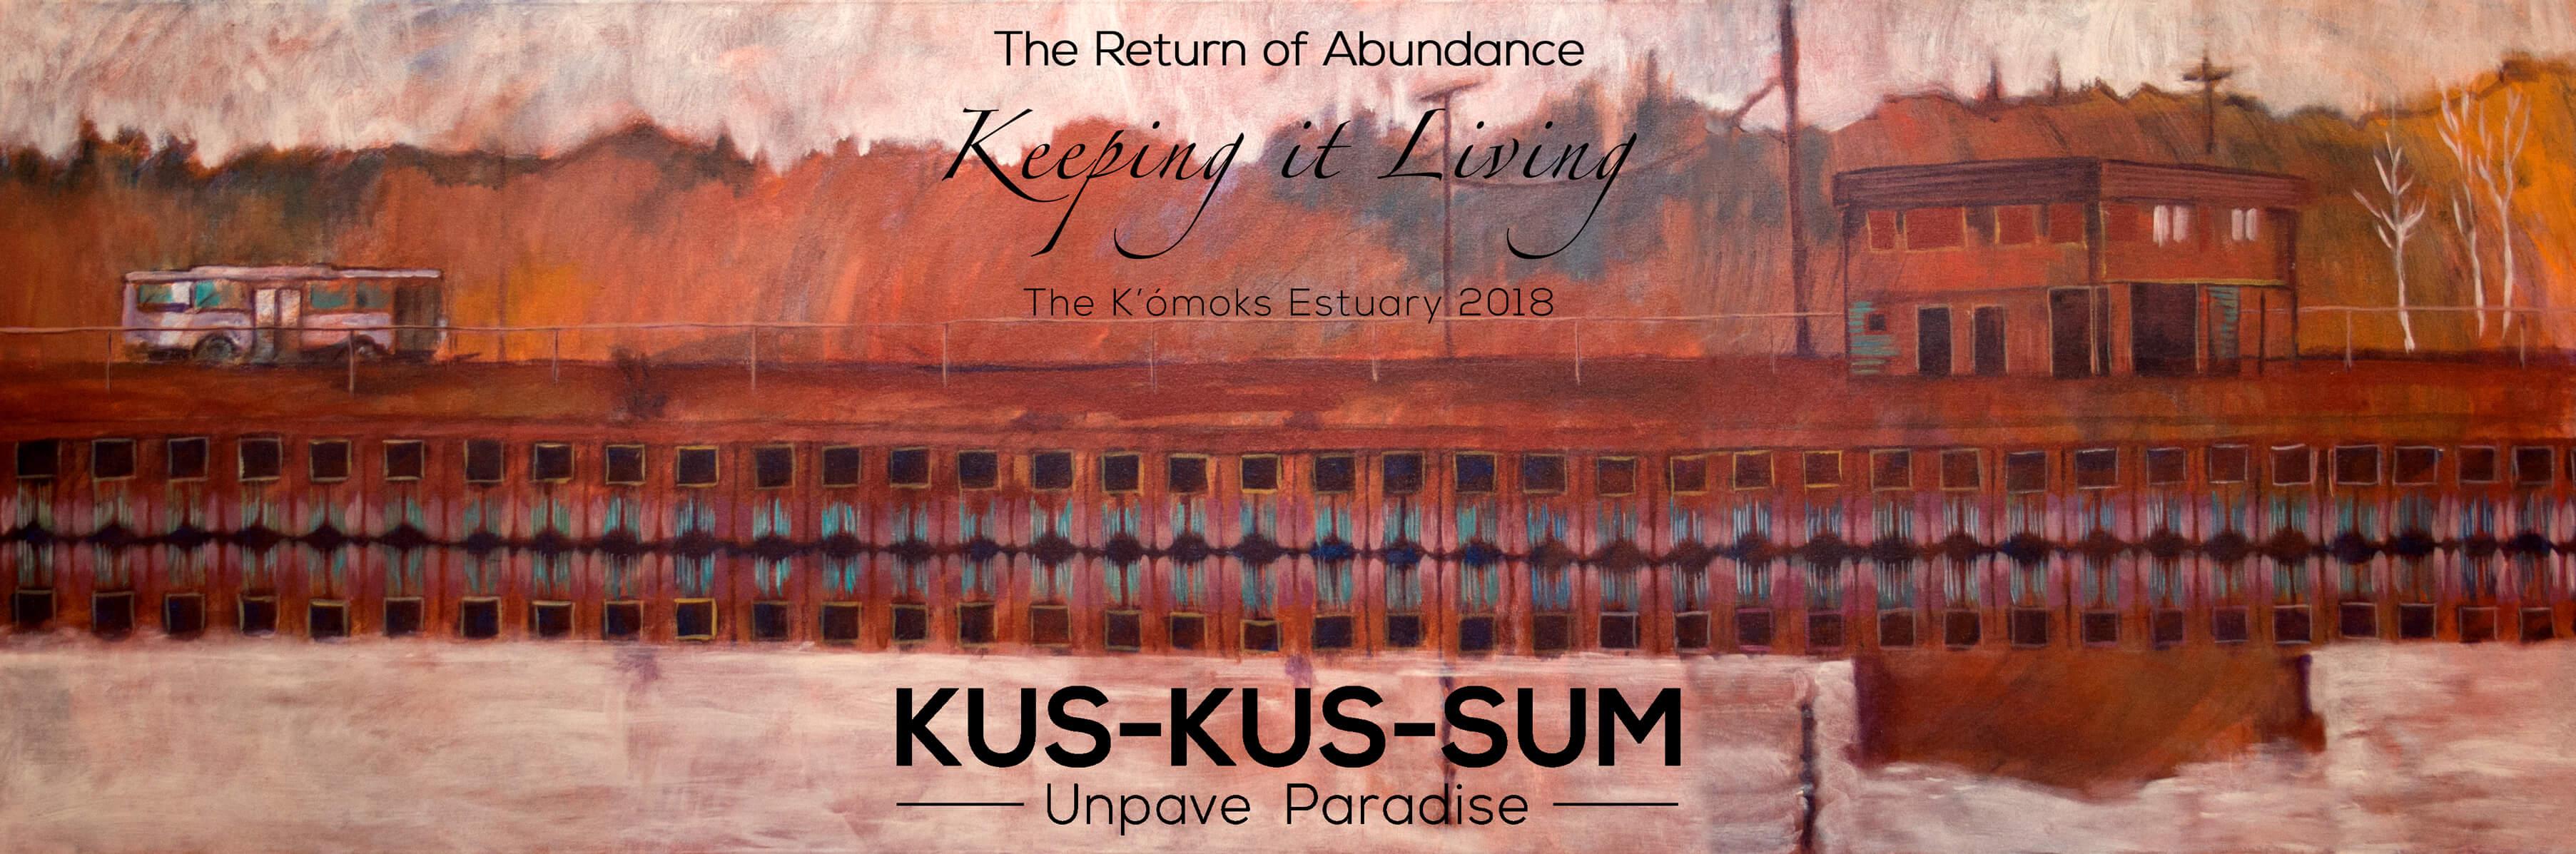 The Kus Kus Sum Park